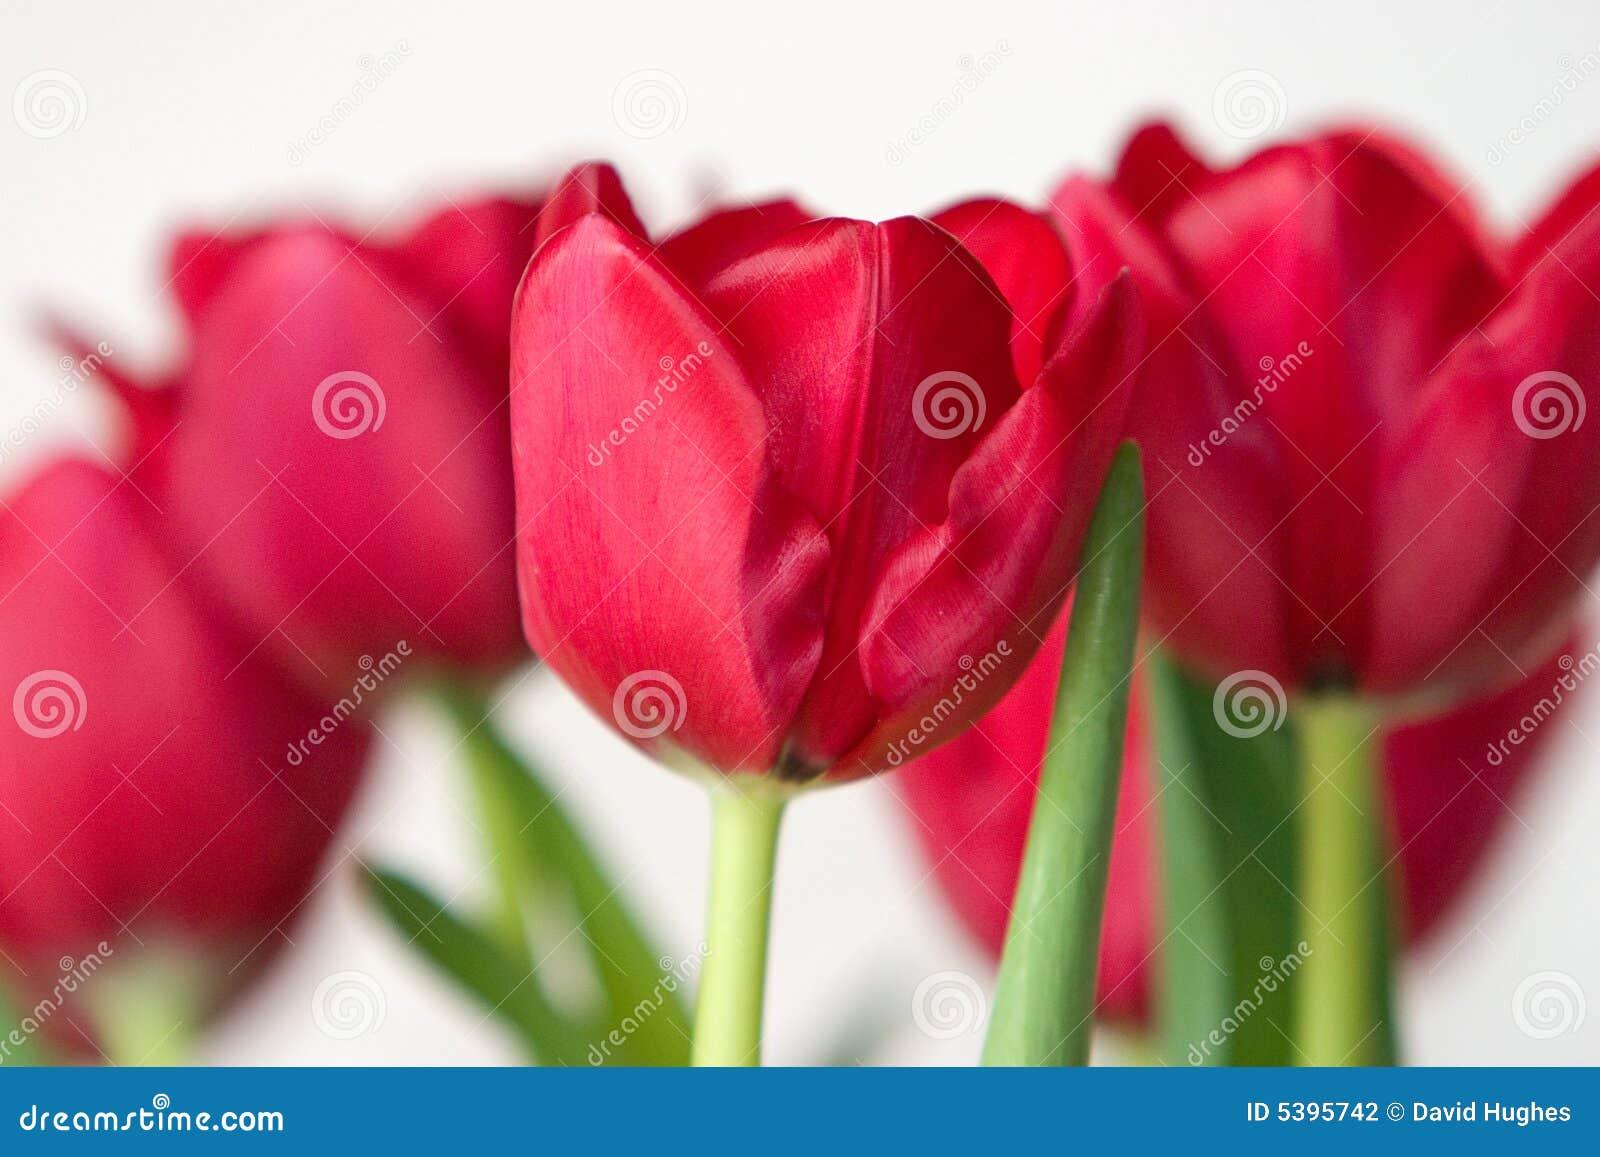 Hochrote Tulpen